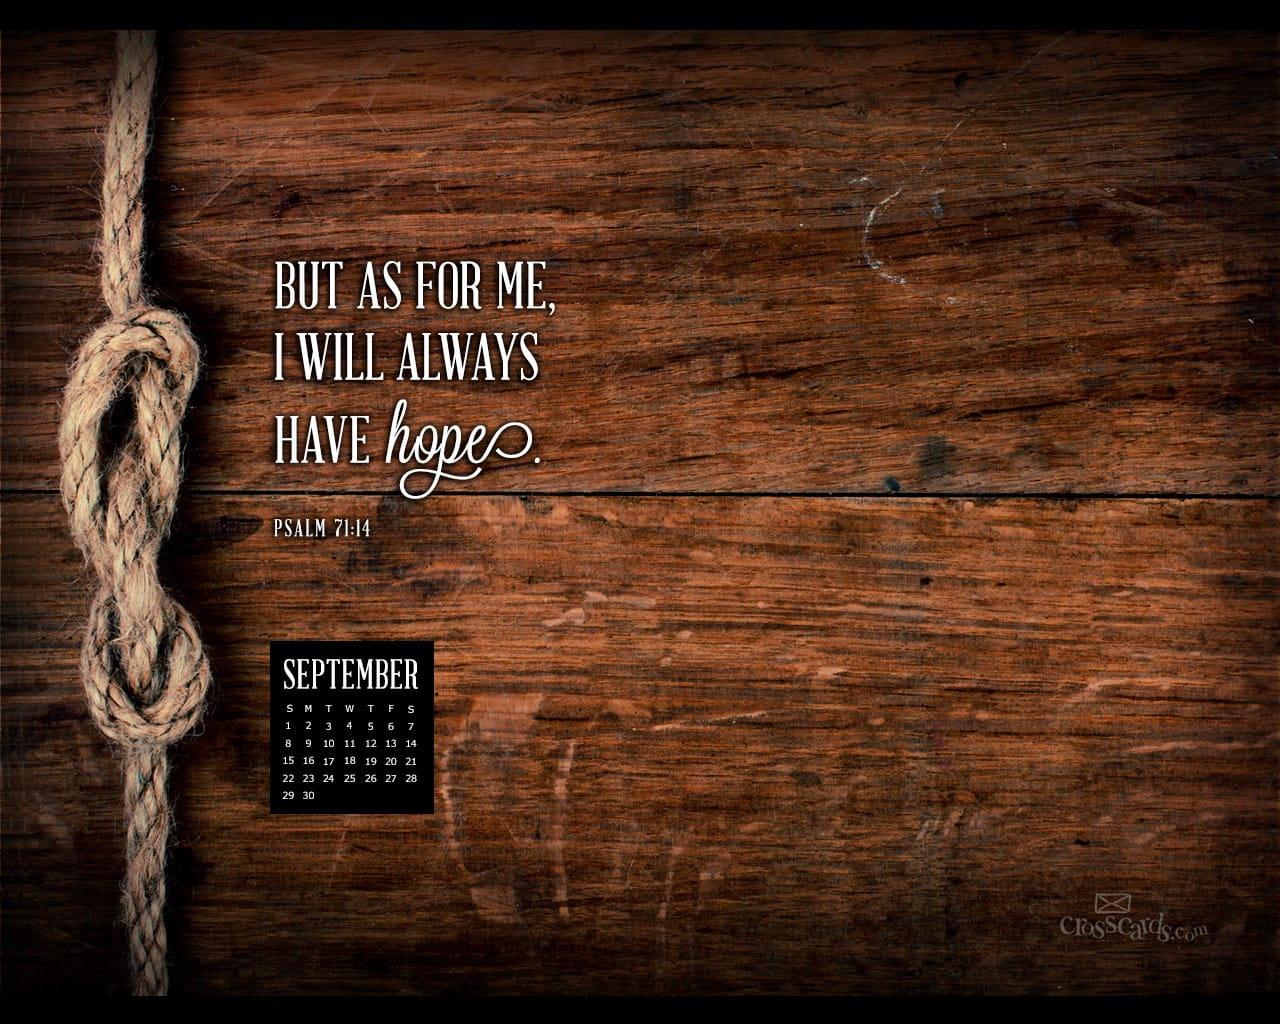 September 2013: Psalm 71:14 Desktop Calendar- Free September